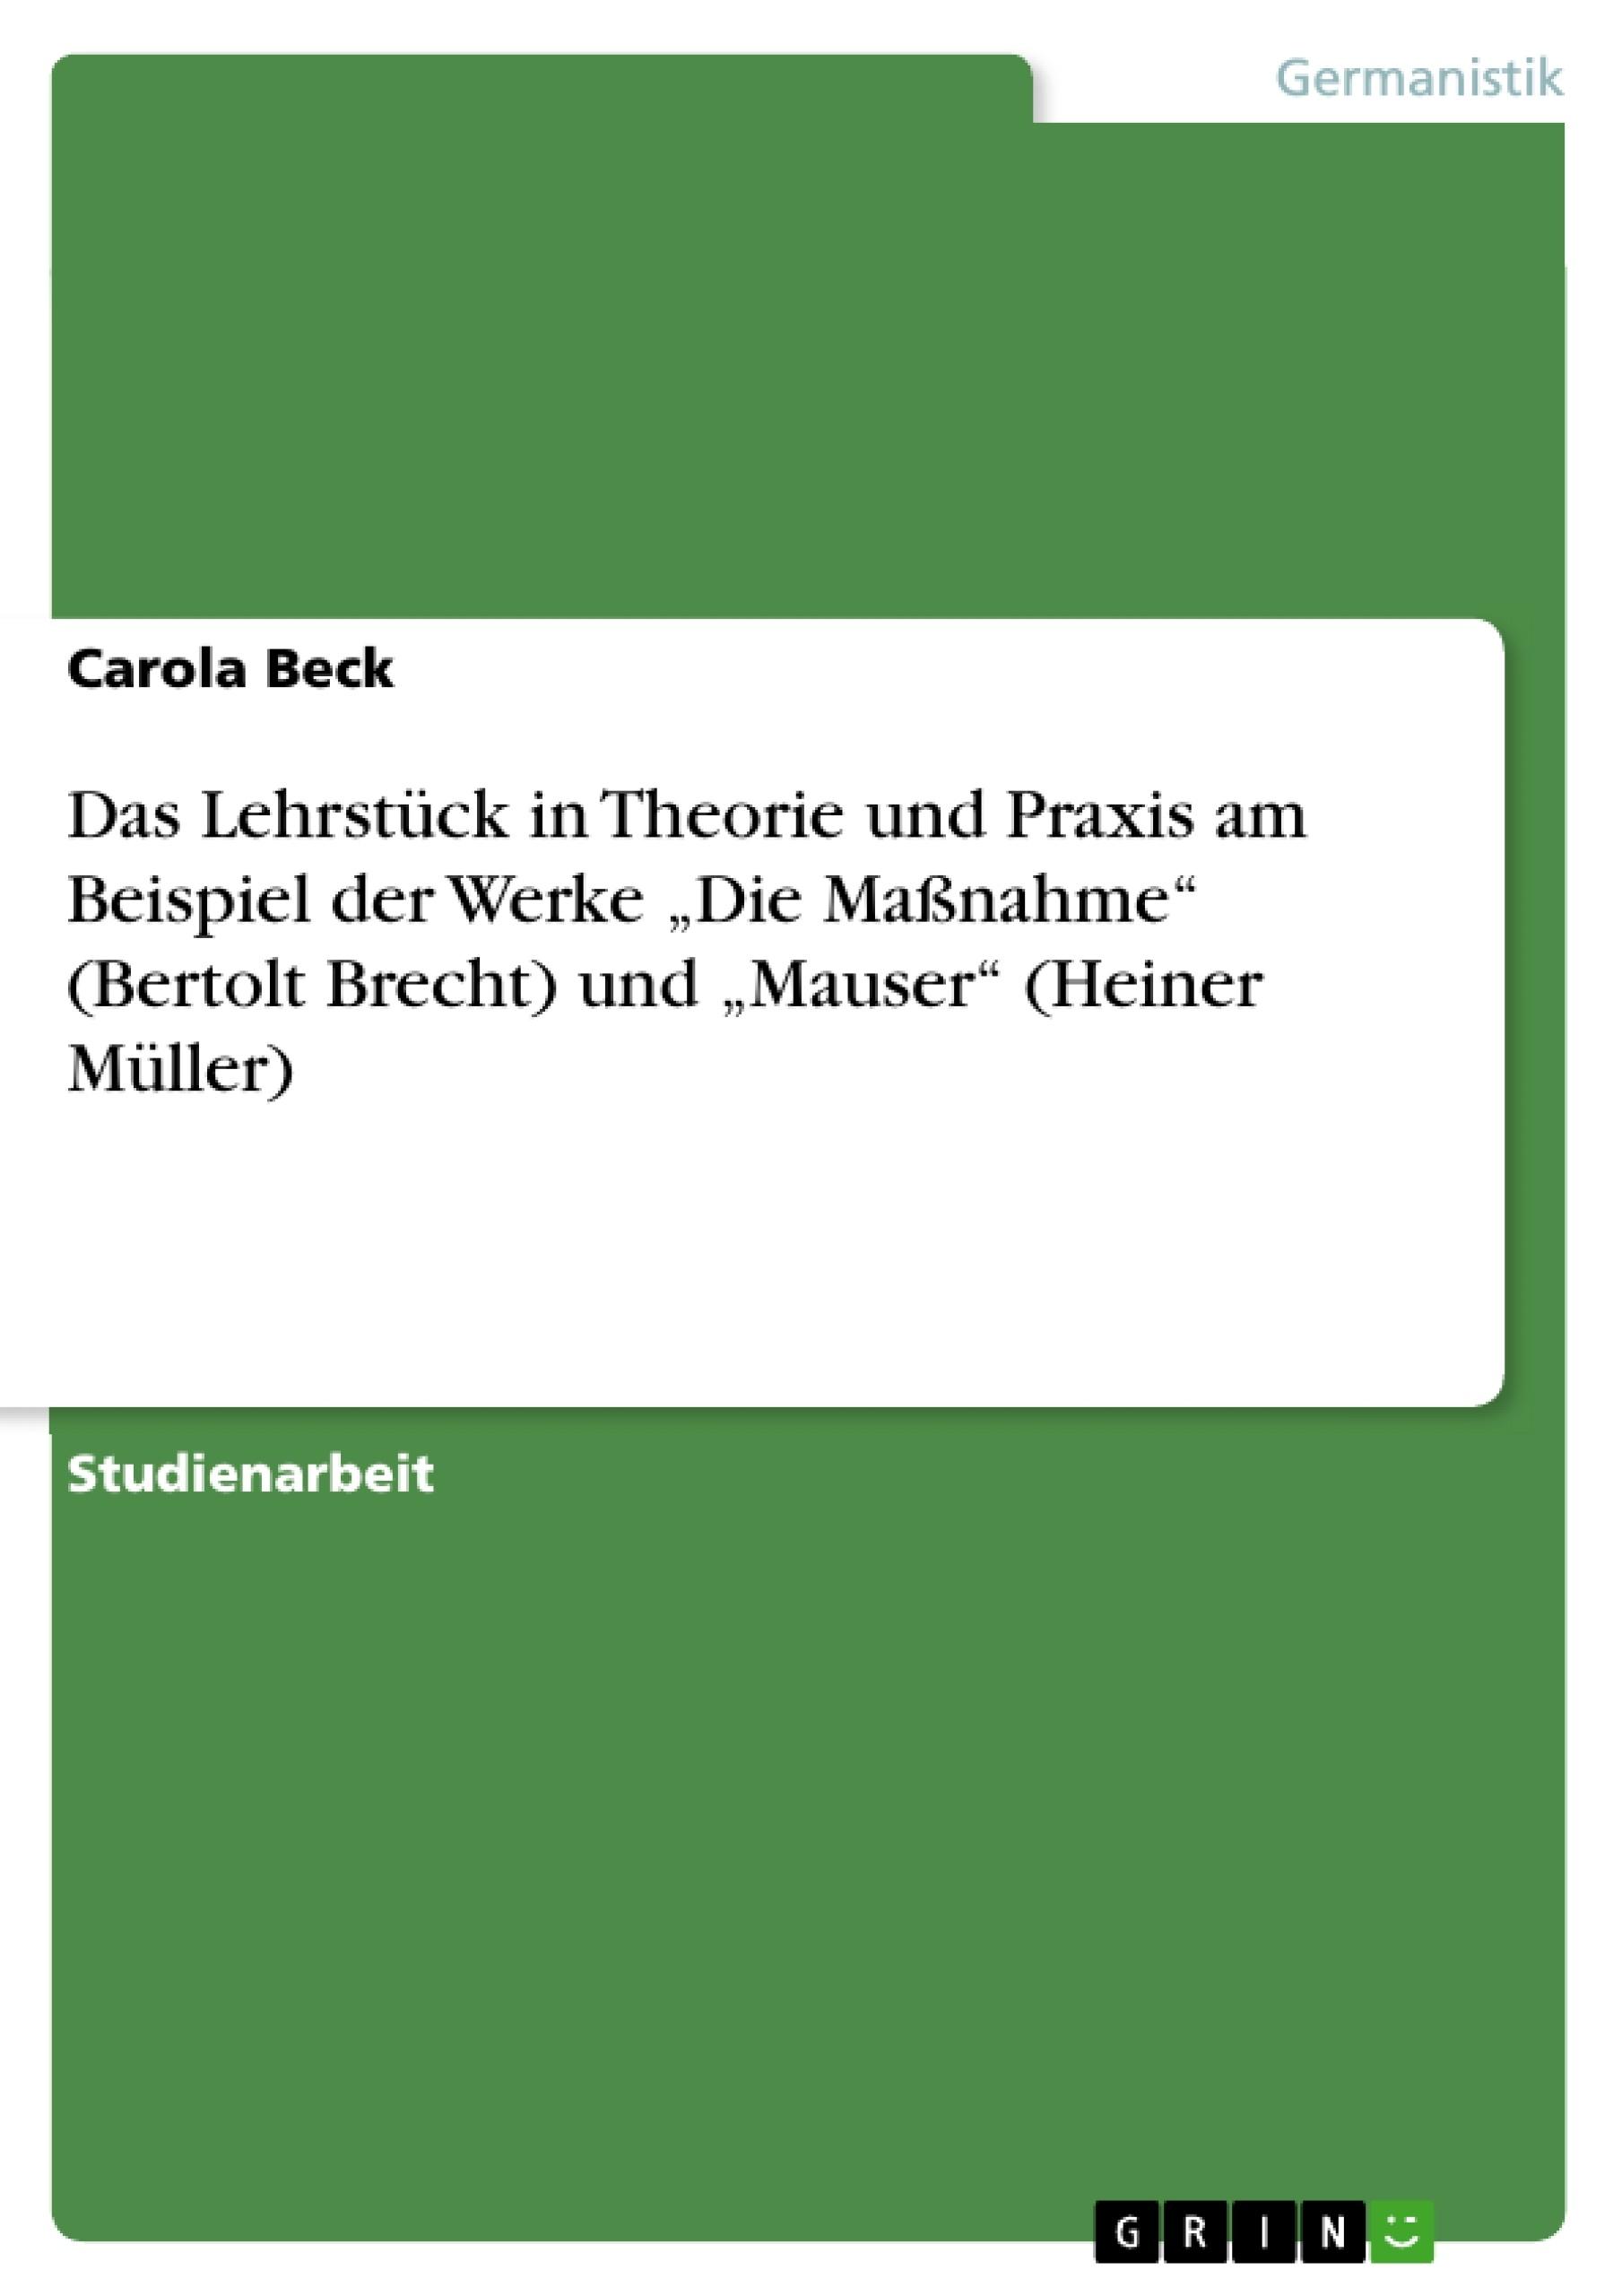 """Titel: Das Lehrstück in Theorie und Praxis am Beispiel der Werke """"Die Maßnahme"""" (Bertolt Brecht) und """"Mauser"""" (Heiner Müller)"""